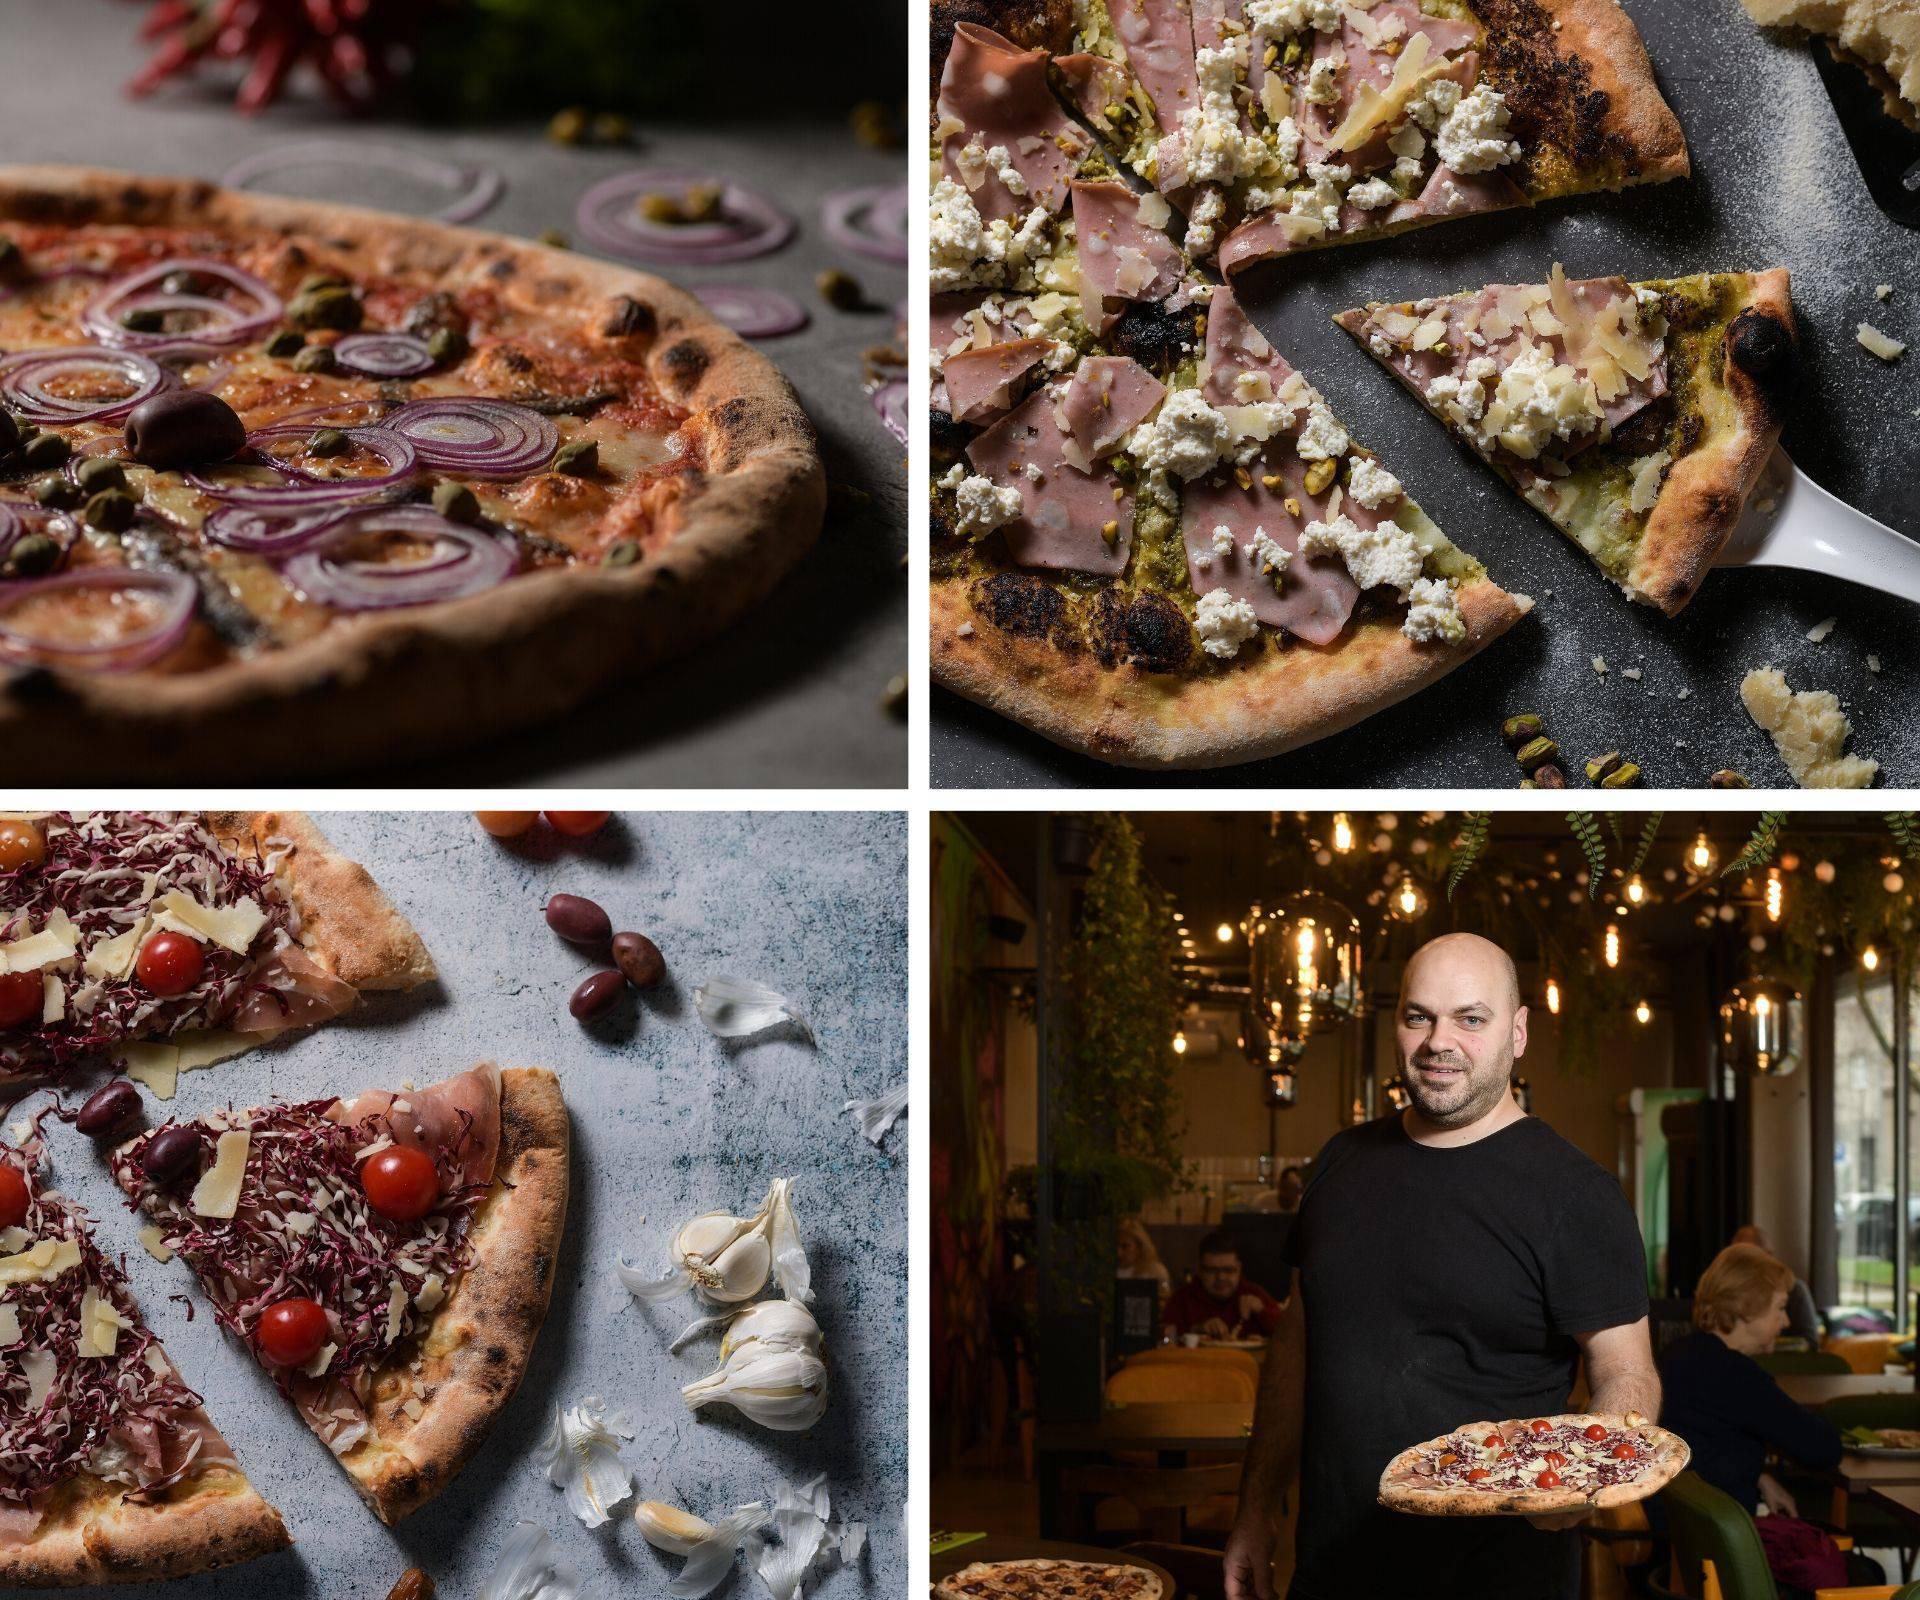 Pizzeria s pričom: Pizze dobile ime po zagrebačkim parkovima